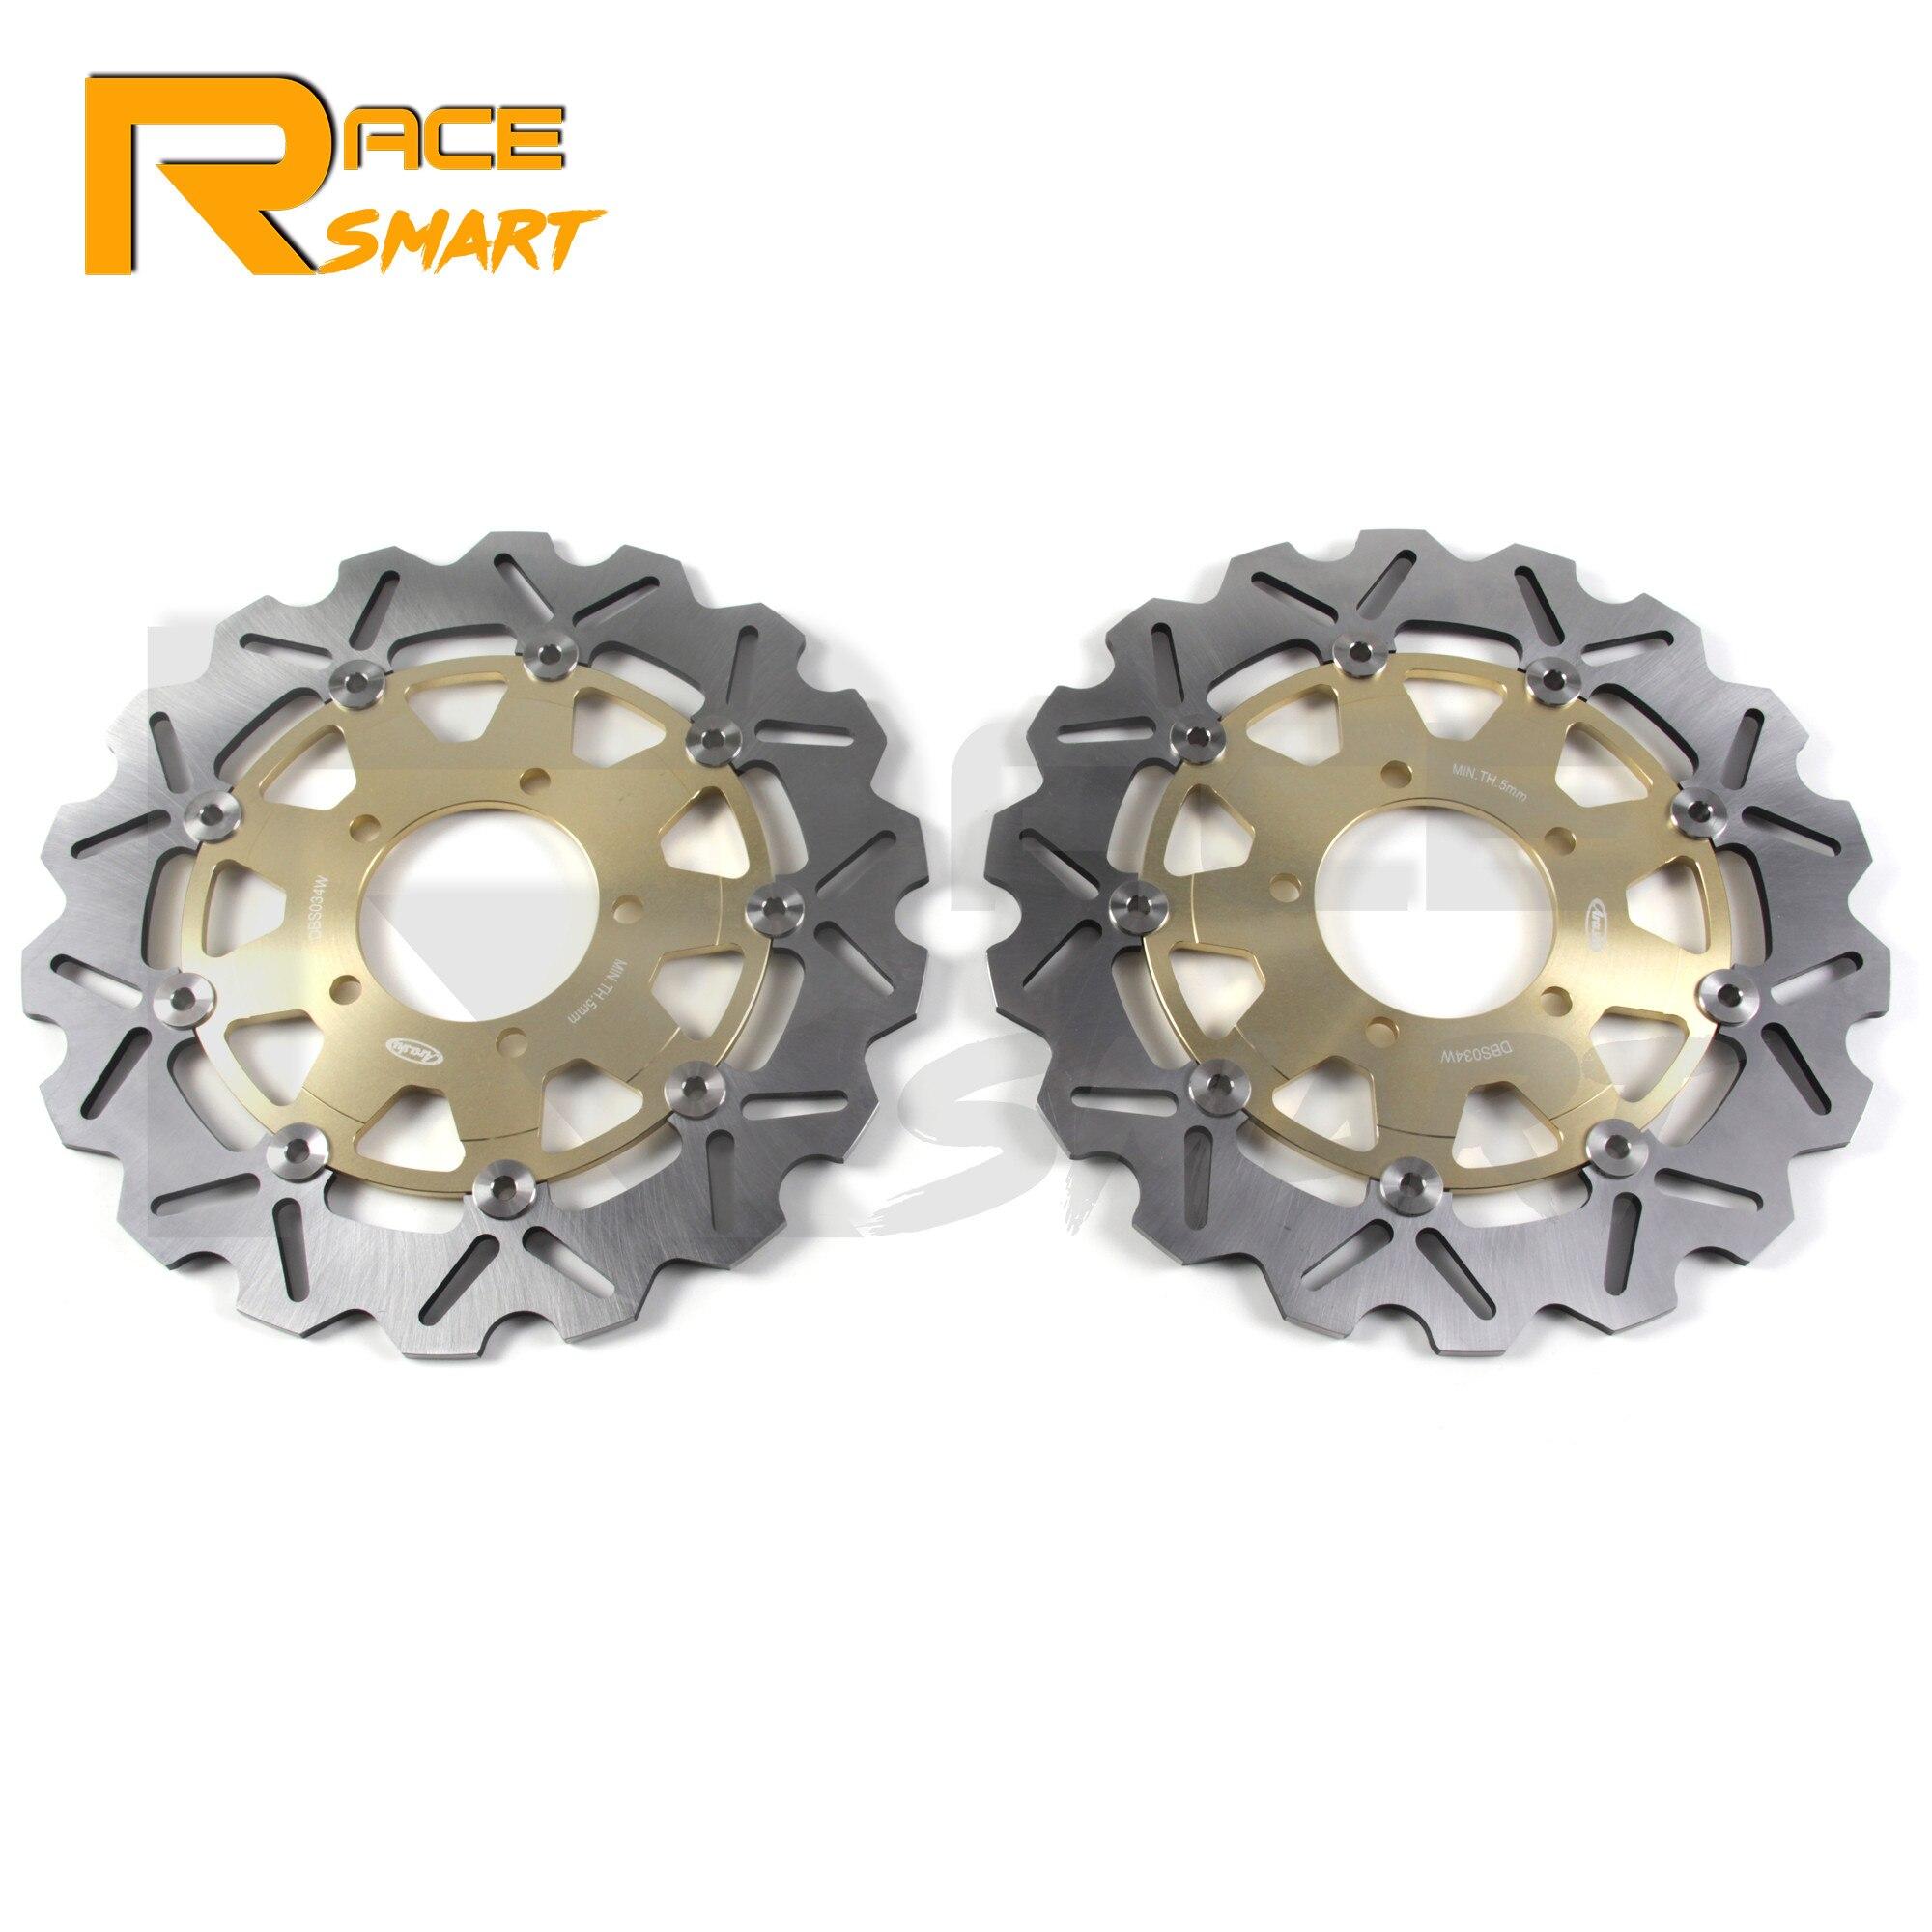 Discos de freno delantero CNC para motocicleta, Rotor de freno de acero inoxidable para KAWASAKI Z 1000-SX ABS 2011 - 2015 Z1000 Z1000 ABS 07- 13